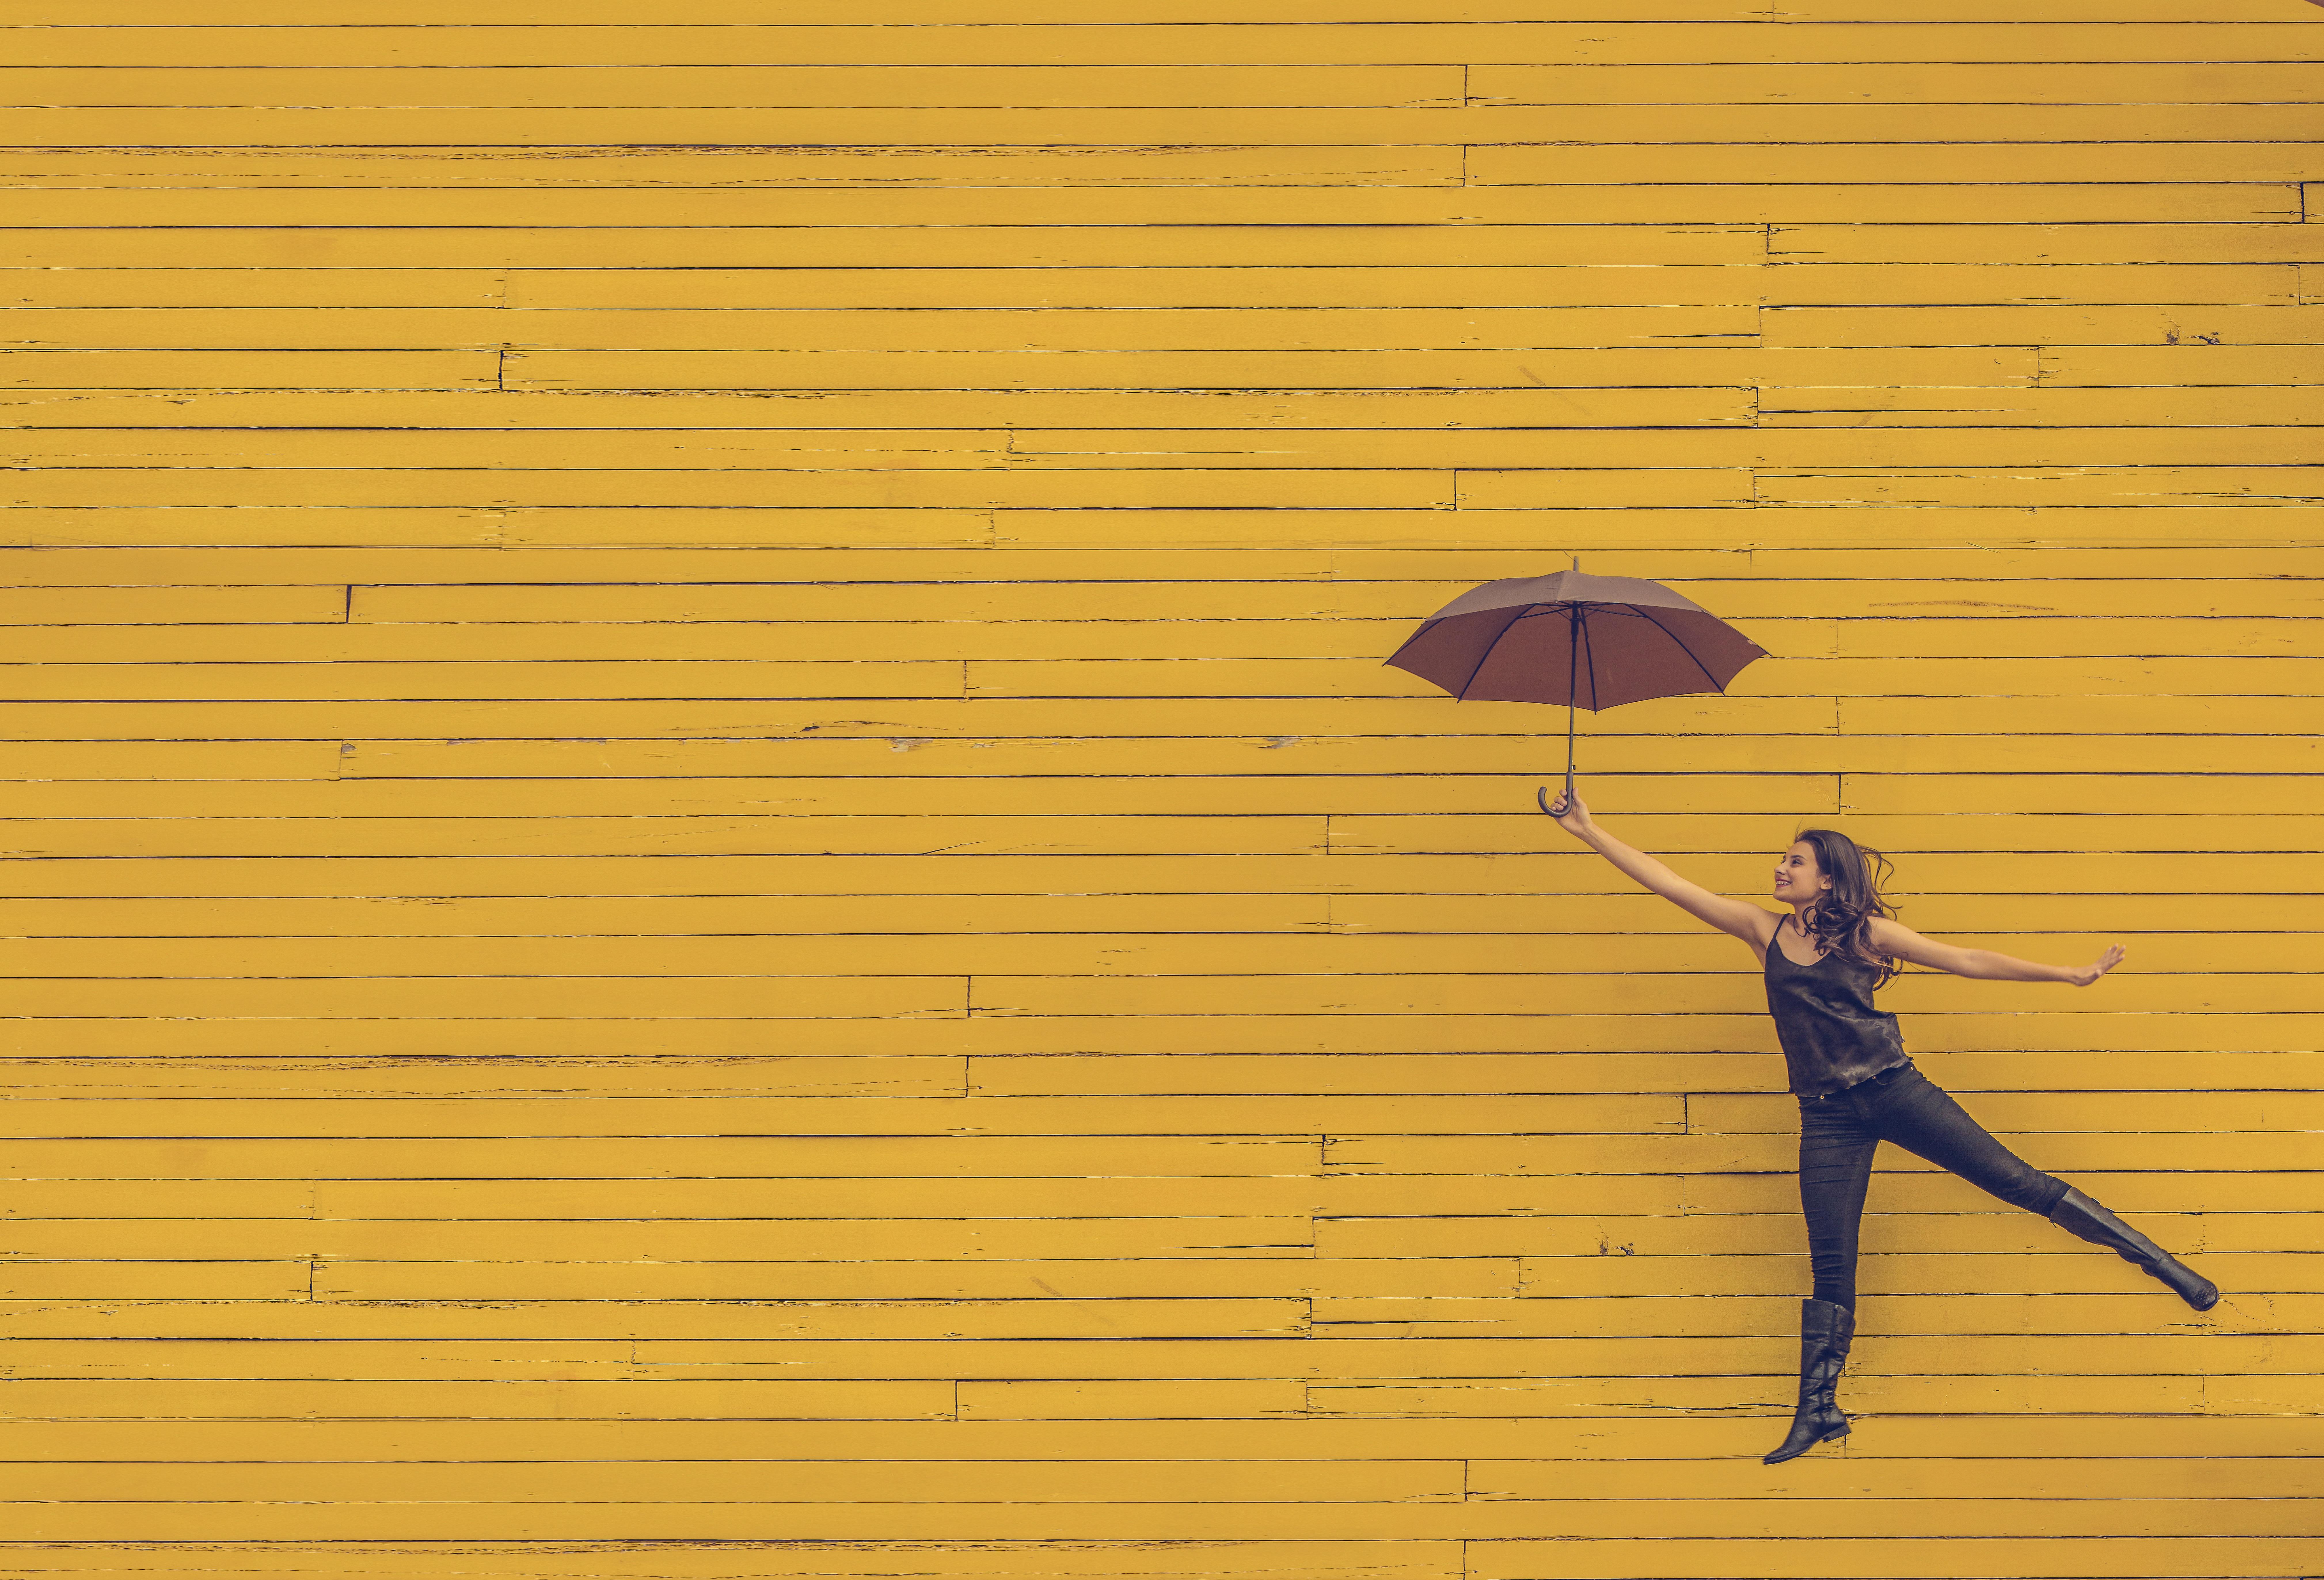 Gambar Outdoor Orang Kayu Gadis Wanita Daun Lantai